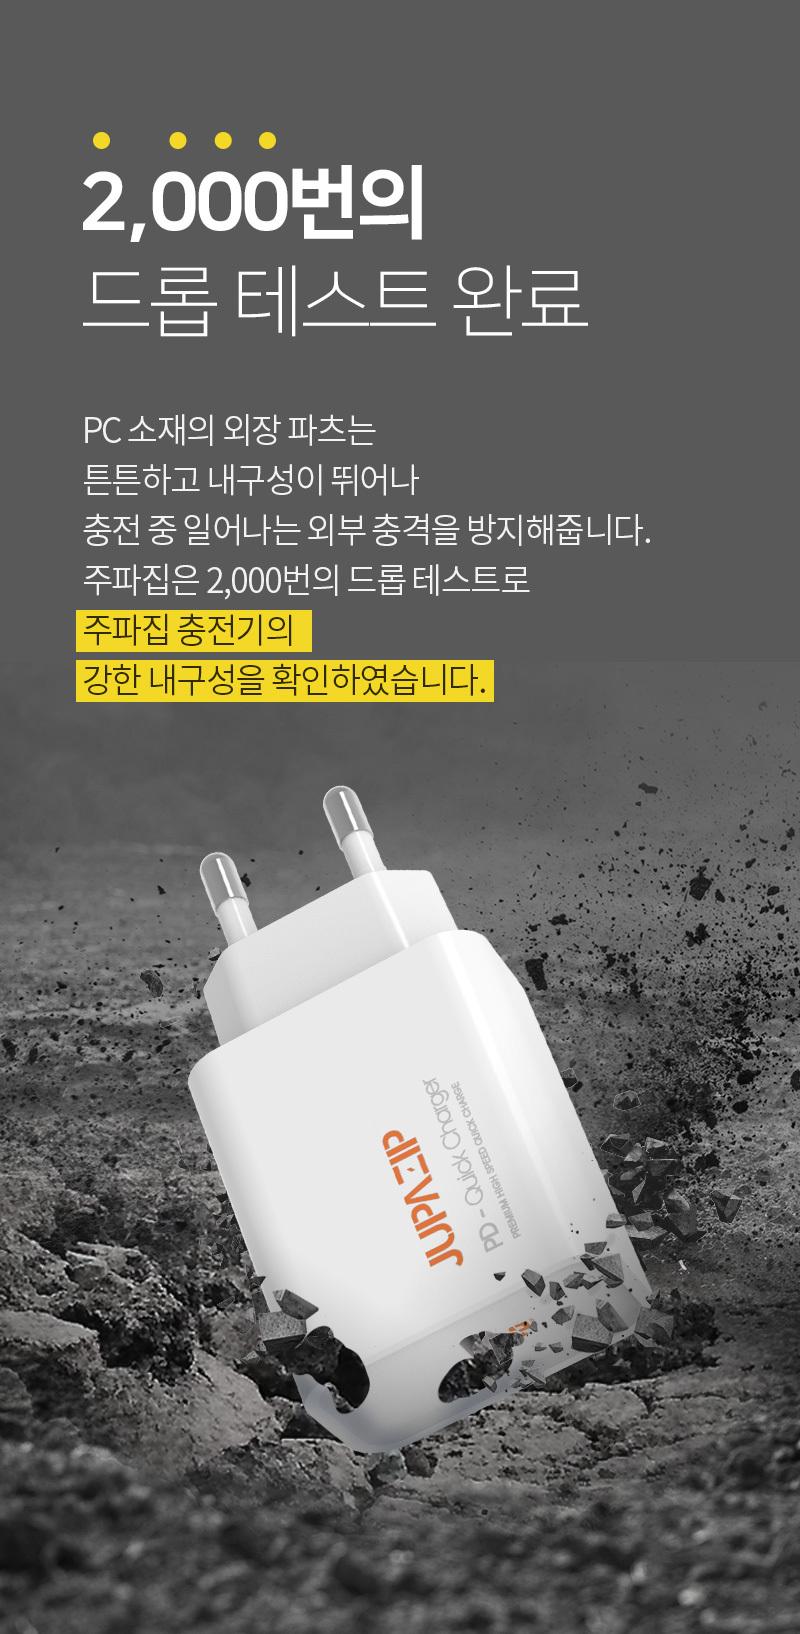 주파집 USB PD 퀵차지 아이폰 C타입 고속충전기 XY18W-PD - 주파집, 15,000원, 충전기, 무선충전기/패치